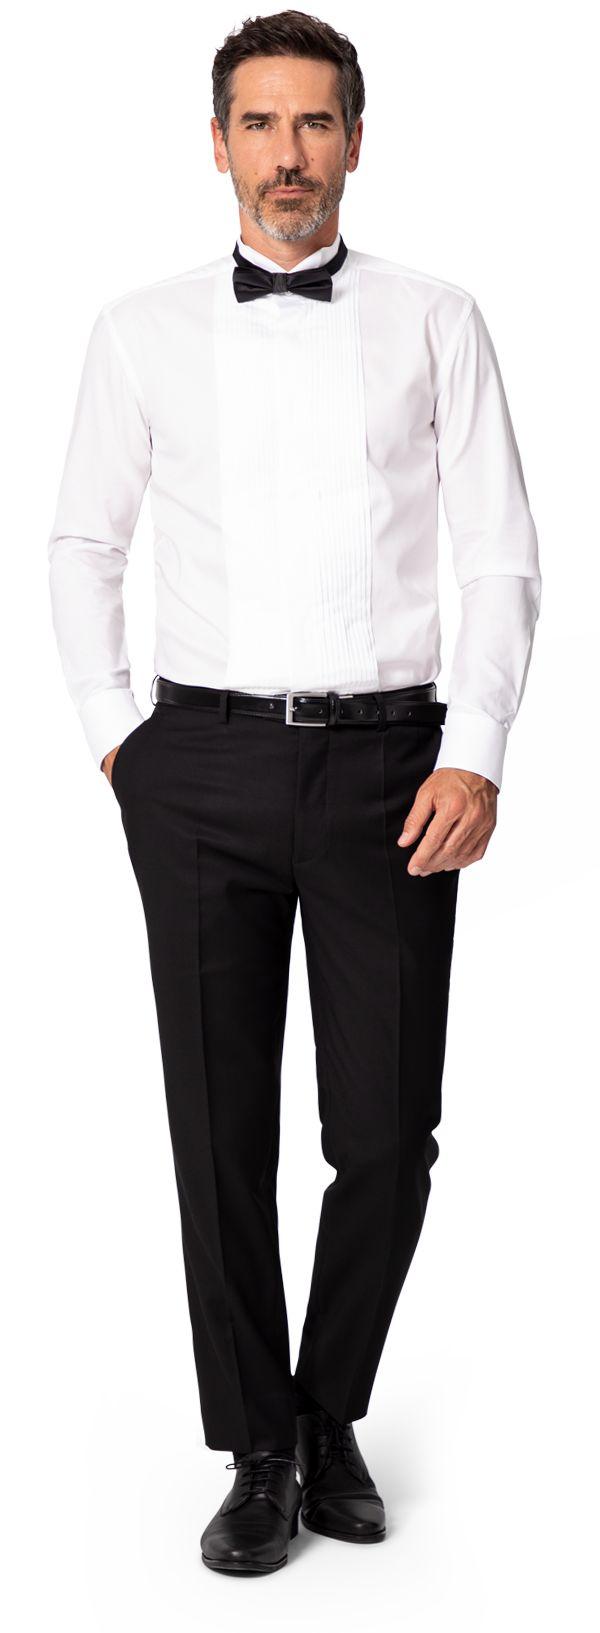 tux shirt